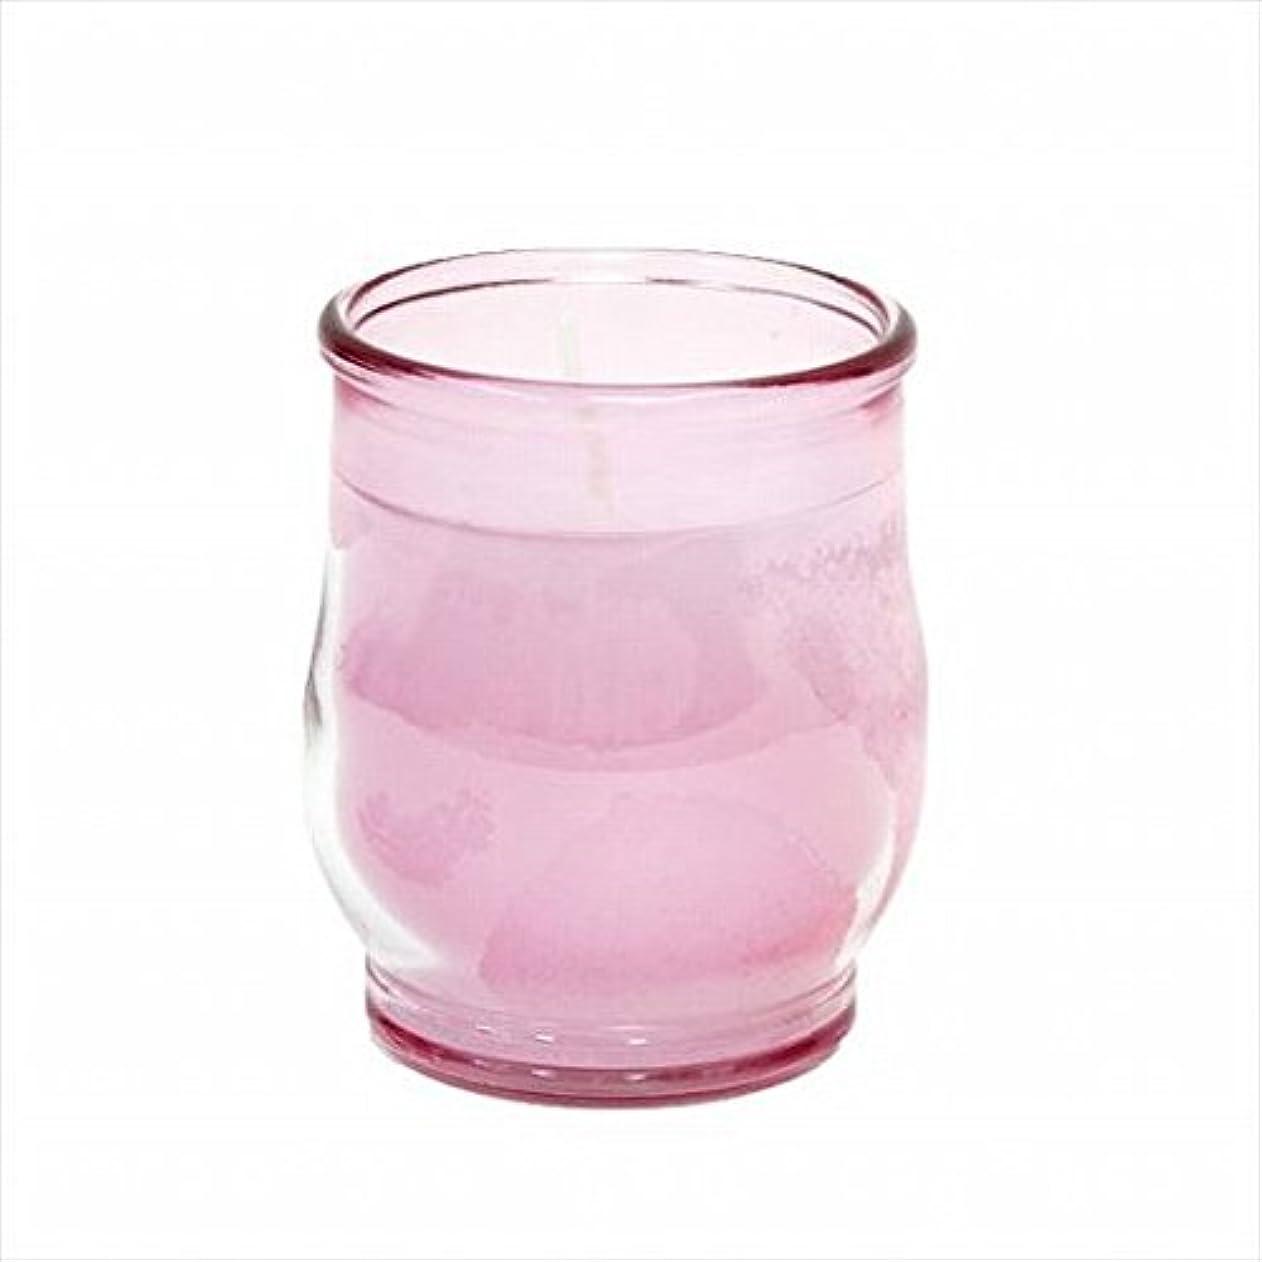 ペンダント種をまく生態学kameyama candle(カメヤマキャンドル) ポシェ(非常用コップローソク) 「 ピンク(ライトカラー) 」 キャンドル 68x68x80mm (73020030P)